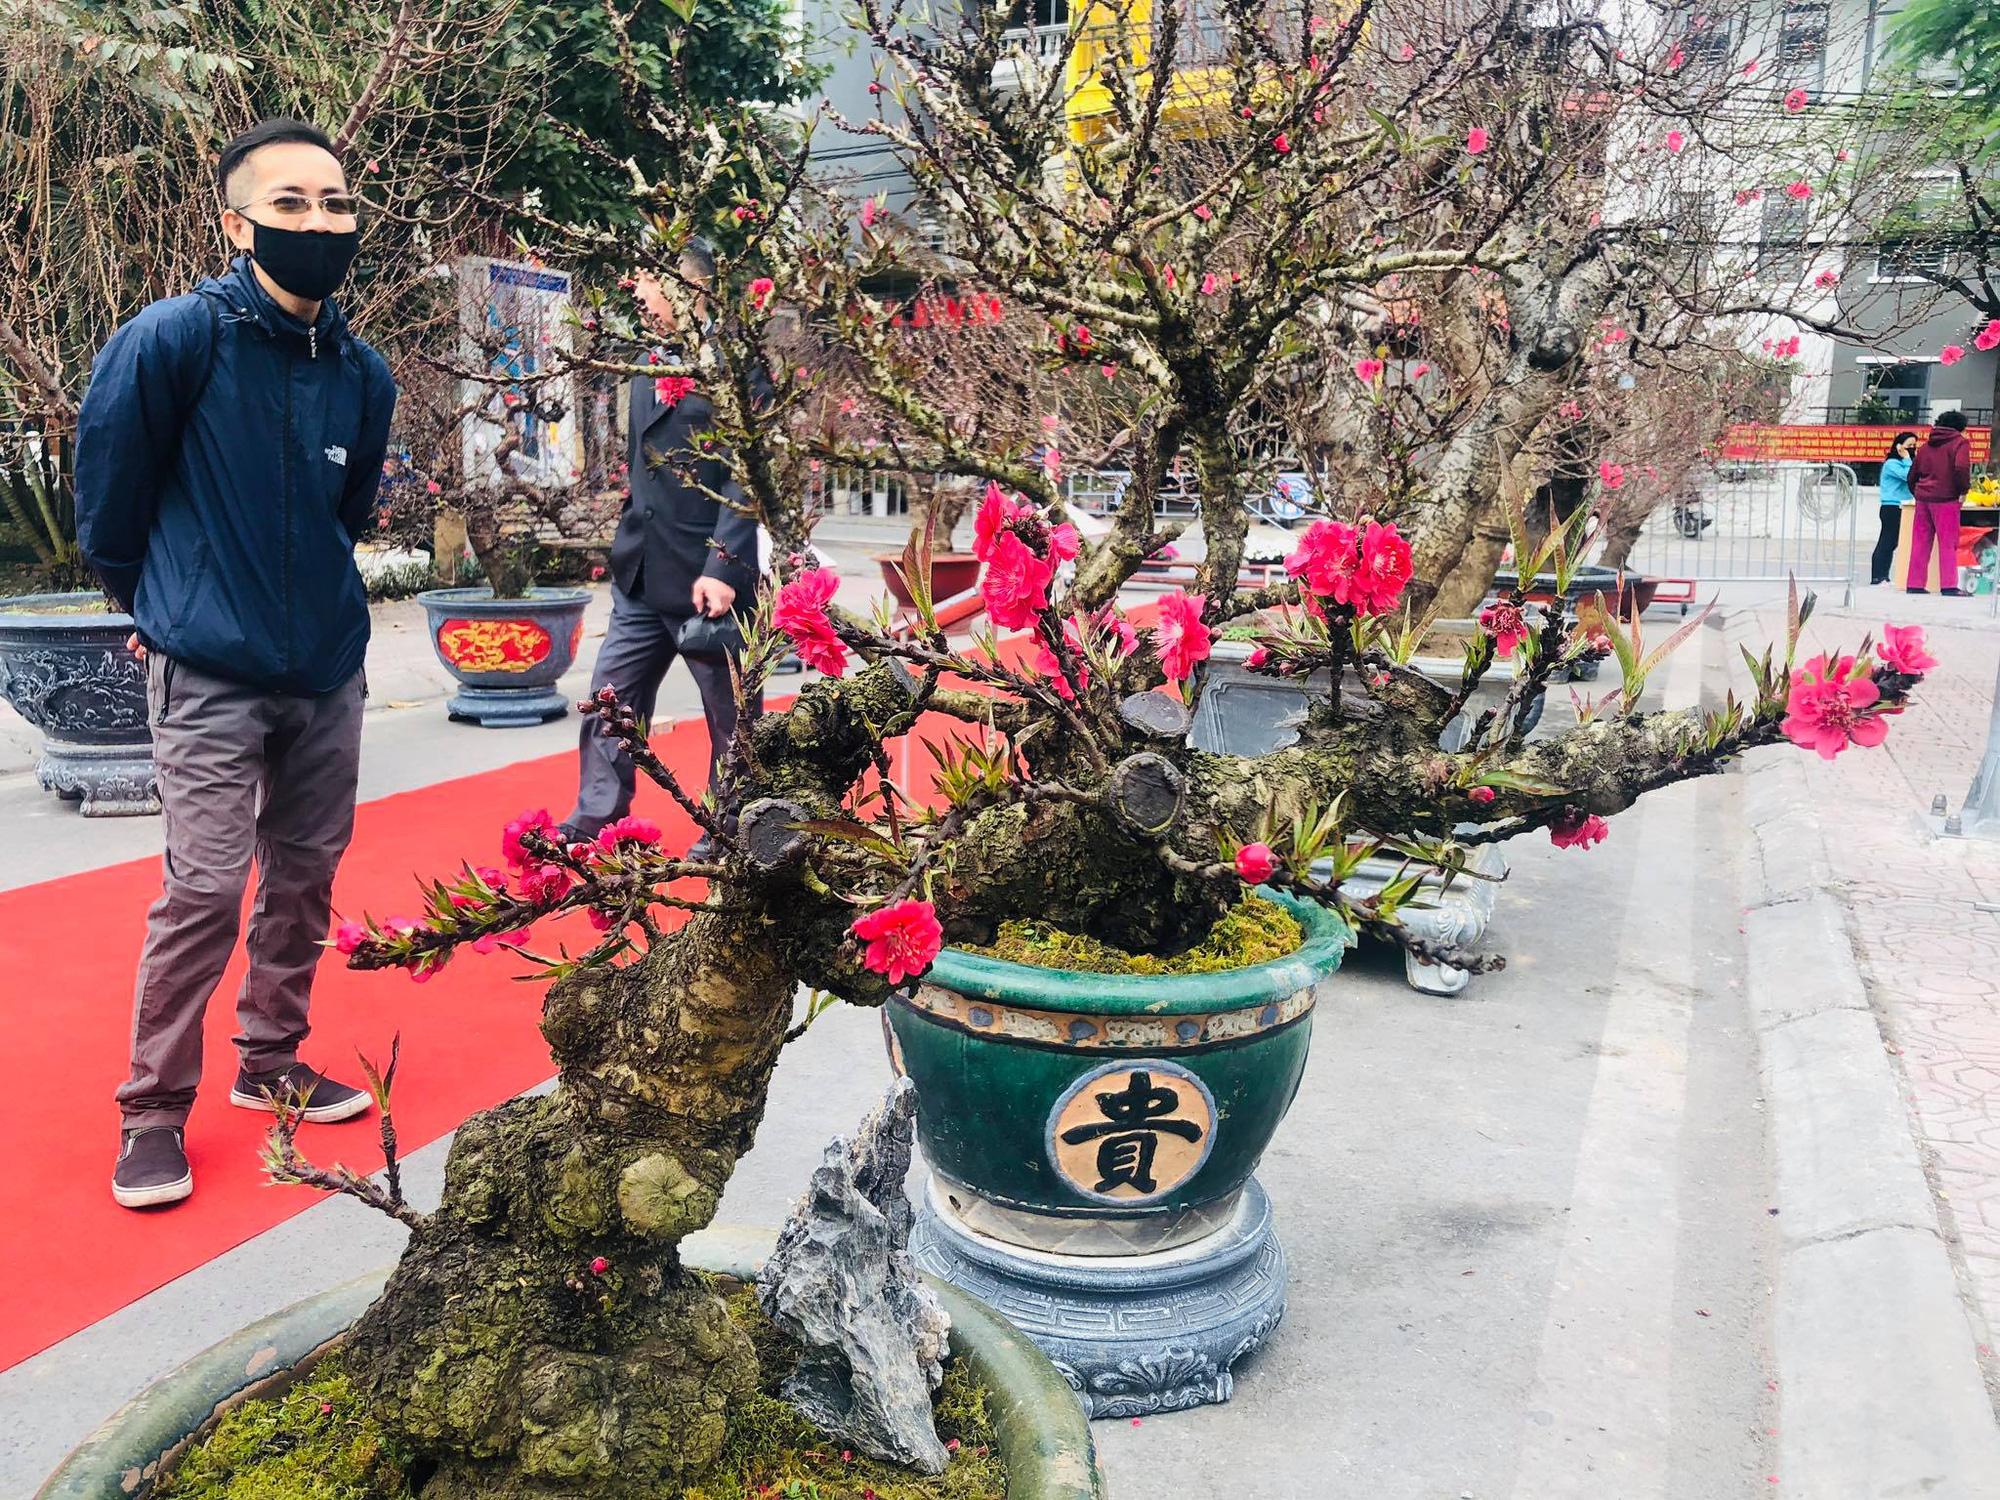 Trưng bày Đào độc, lạ trị giá 50 triệu đồng tại Lễ hội hoa đào Nhật Tân - Ảnh 2.